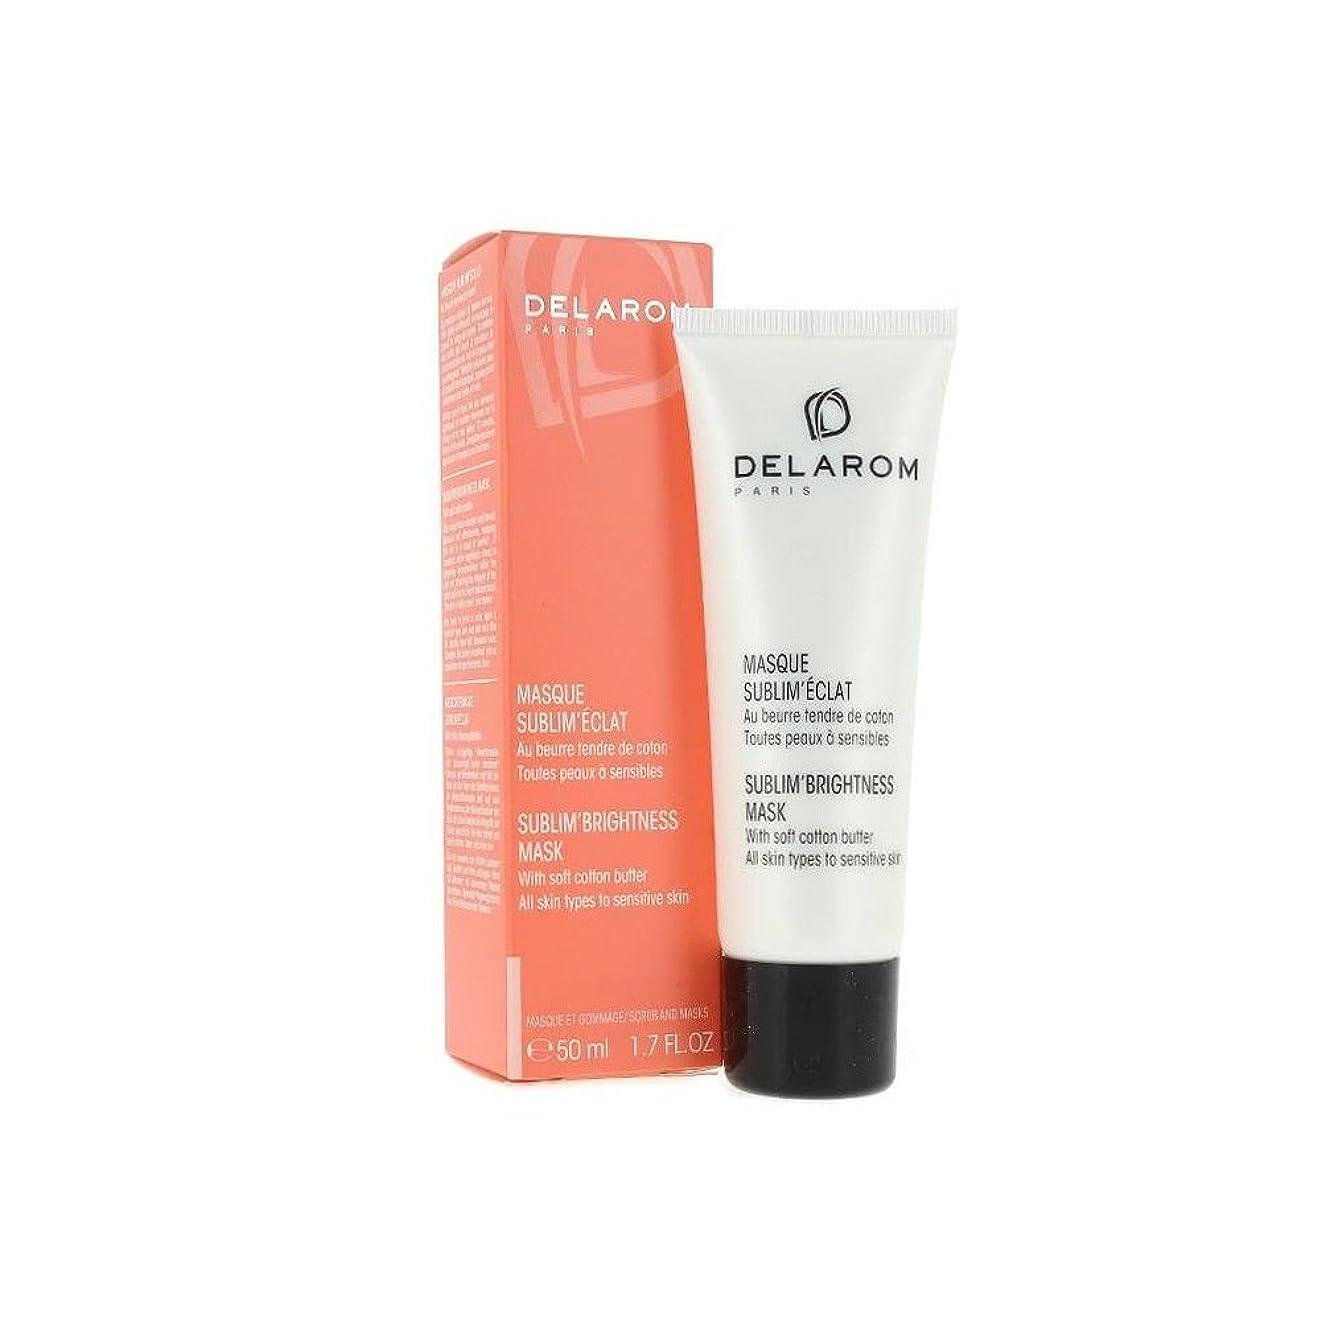 苗恐ろしい国民DELAROM Sublim' Brightness Mask - For All Skin Types to Sensitive Skin 50ml/1.7oz並行輸入品